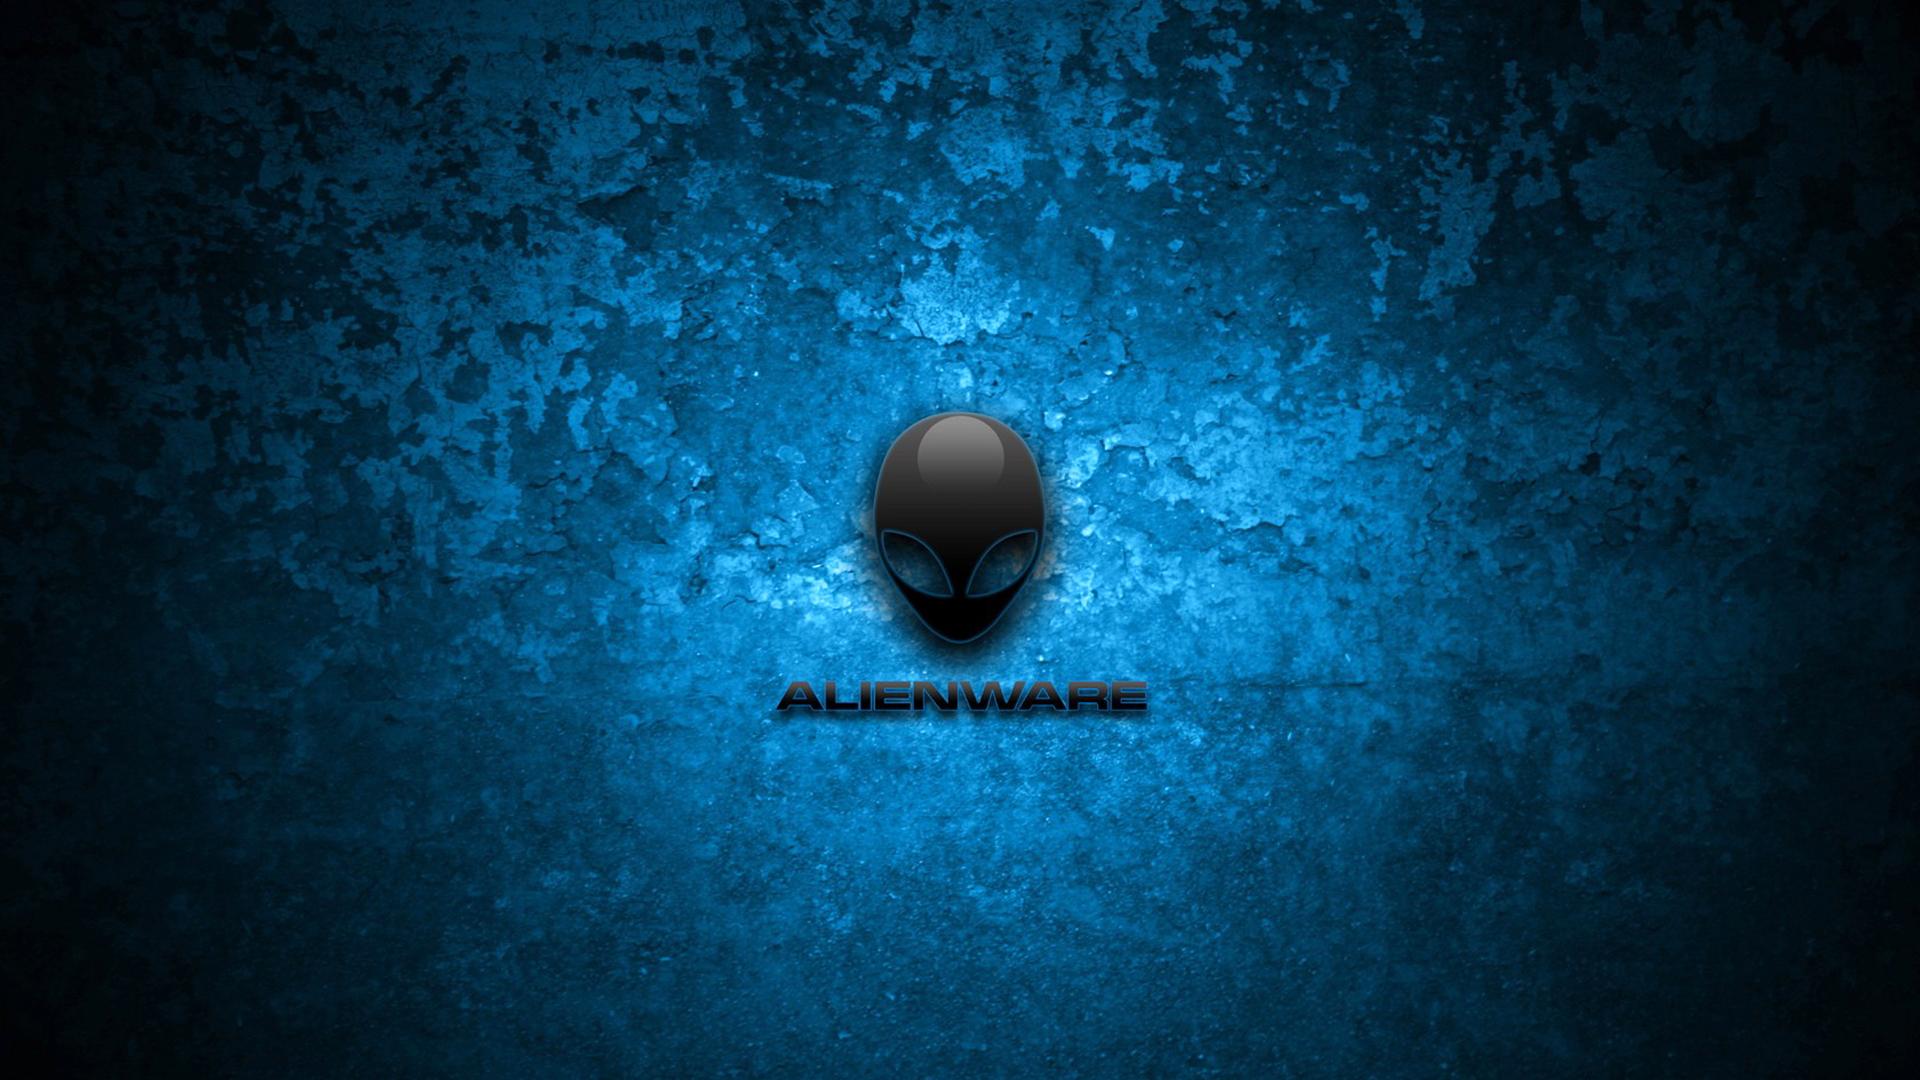 alienware simple logo dark blue texture background 1920x1080 1080p 1920x1080